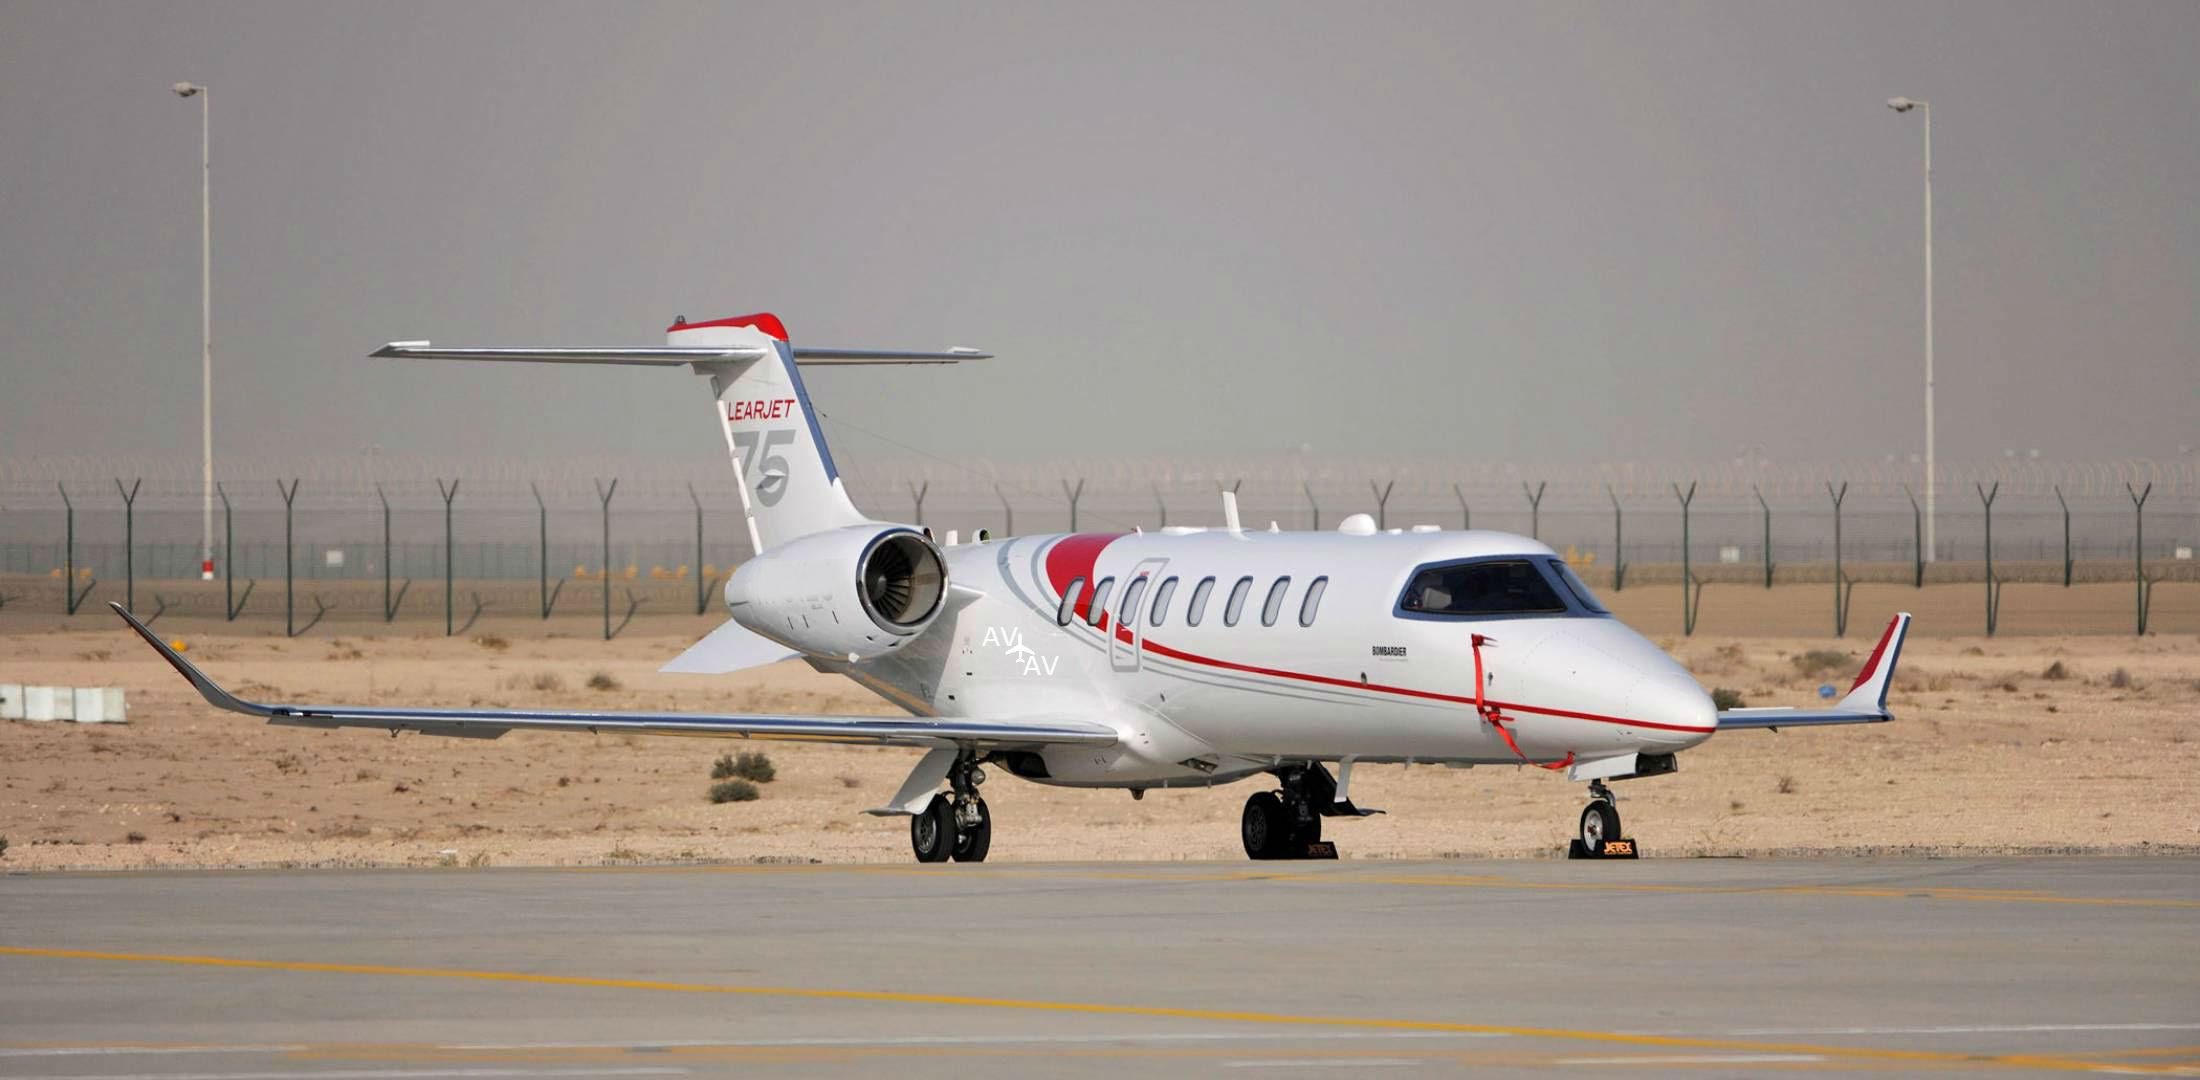 Learjet 75 - Learjet 75 появился в небе над Европой